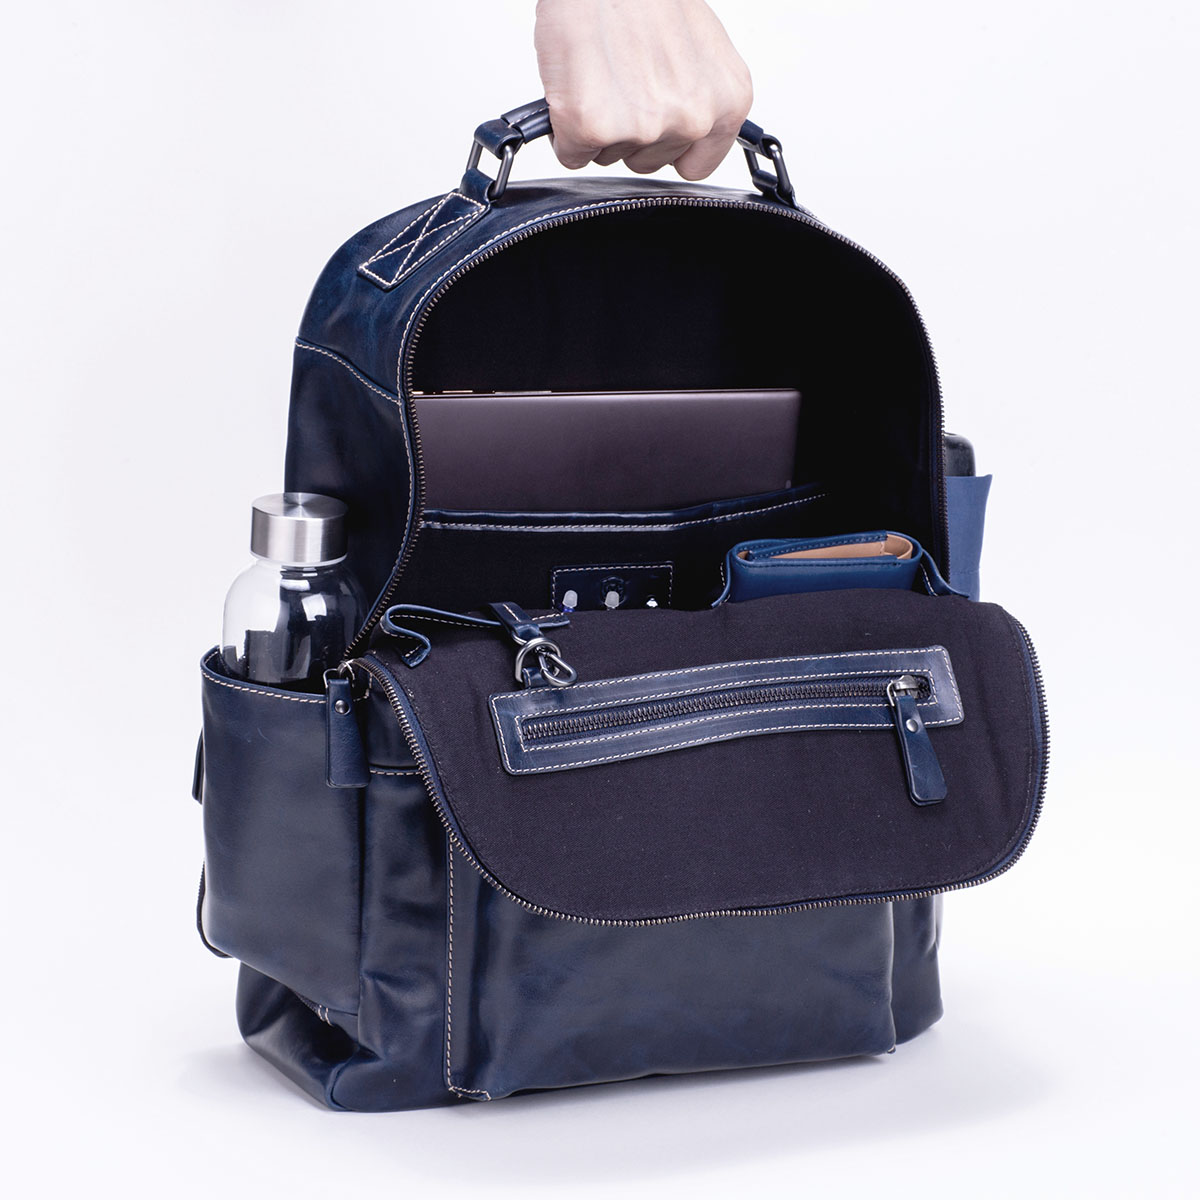 レザーリュック メンズビジネス DESMOND-II デスモンド2 ネイビー 紺